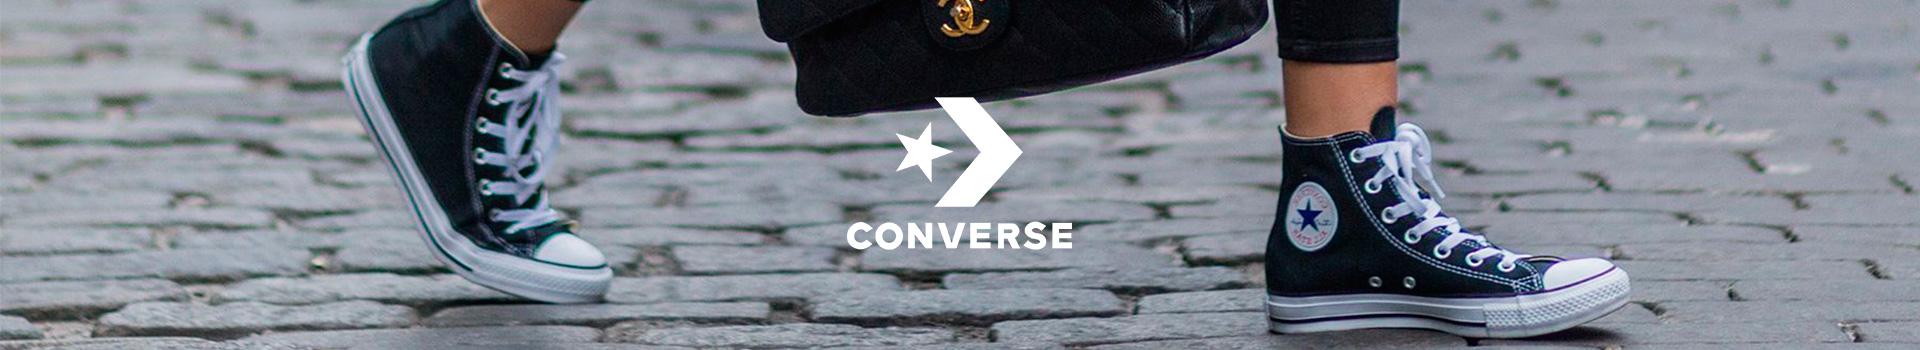 Converse baratas – Comprar Converse Online ▷ Tienda Dakonda (8)